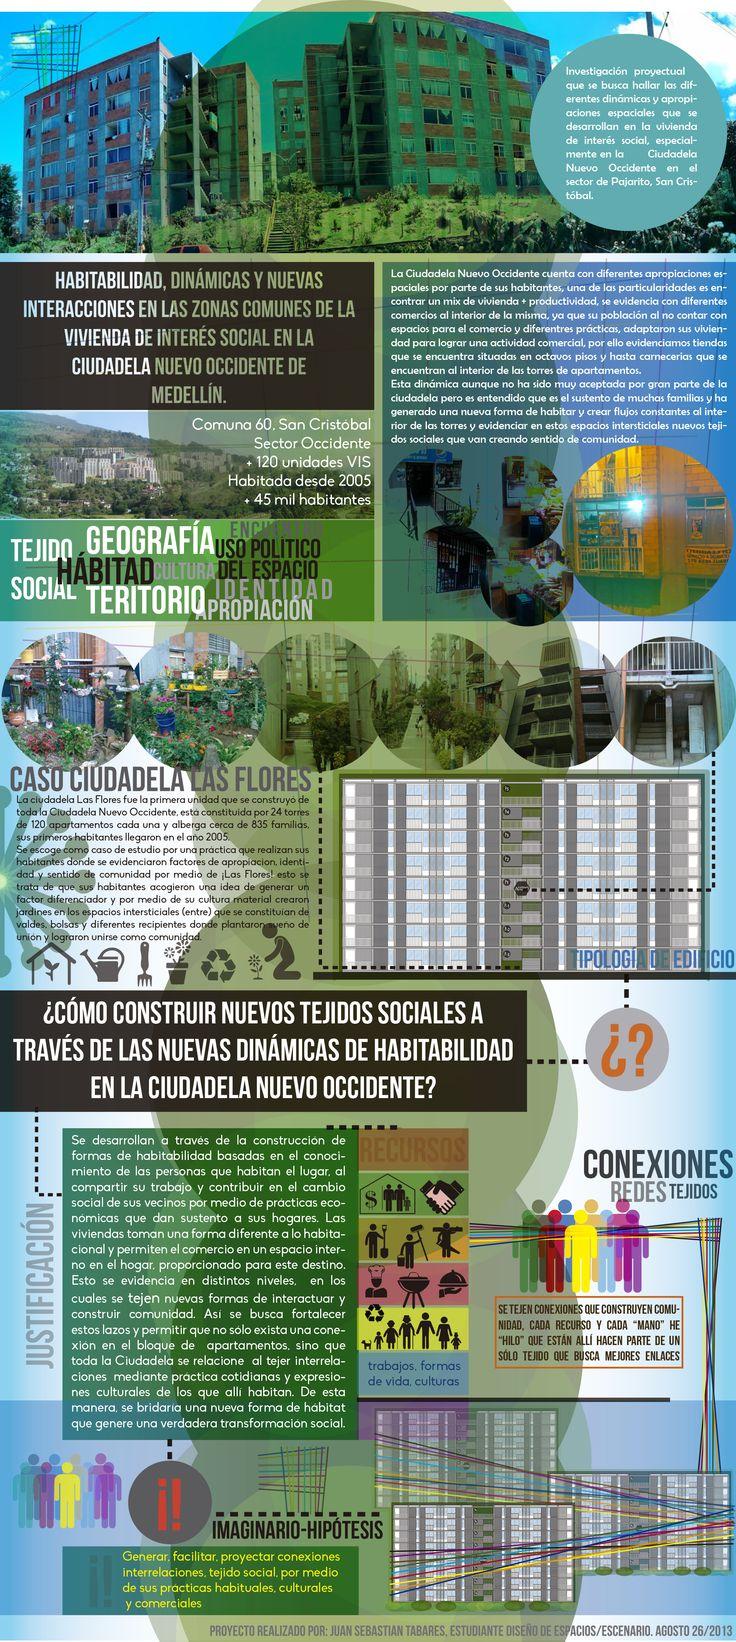 """1er Infográfico investigativo de proyecto de grado - """"Habitabilidad, dinámicas y nuevas interacciones, en las zonas comunes de la vivienda de interés social, en la Ciudadela Nuevo Occidente, Medellín""""   Infográphic project"""